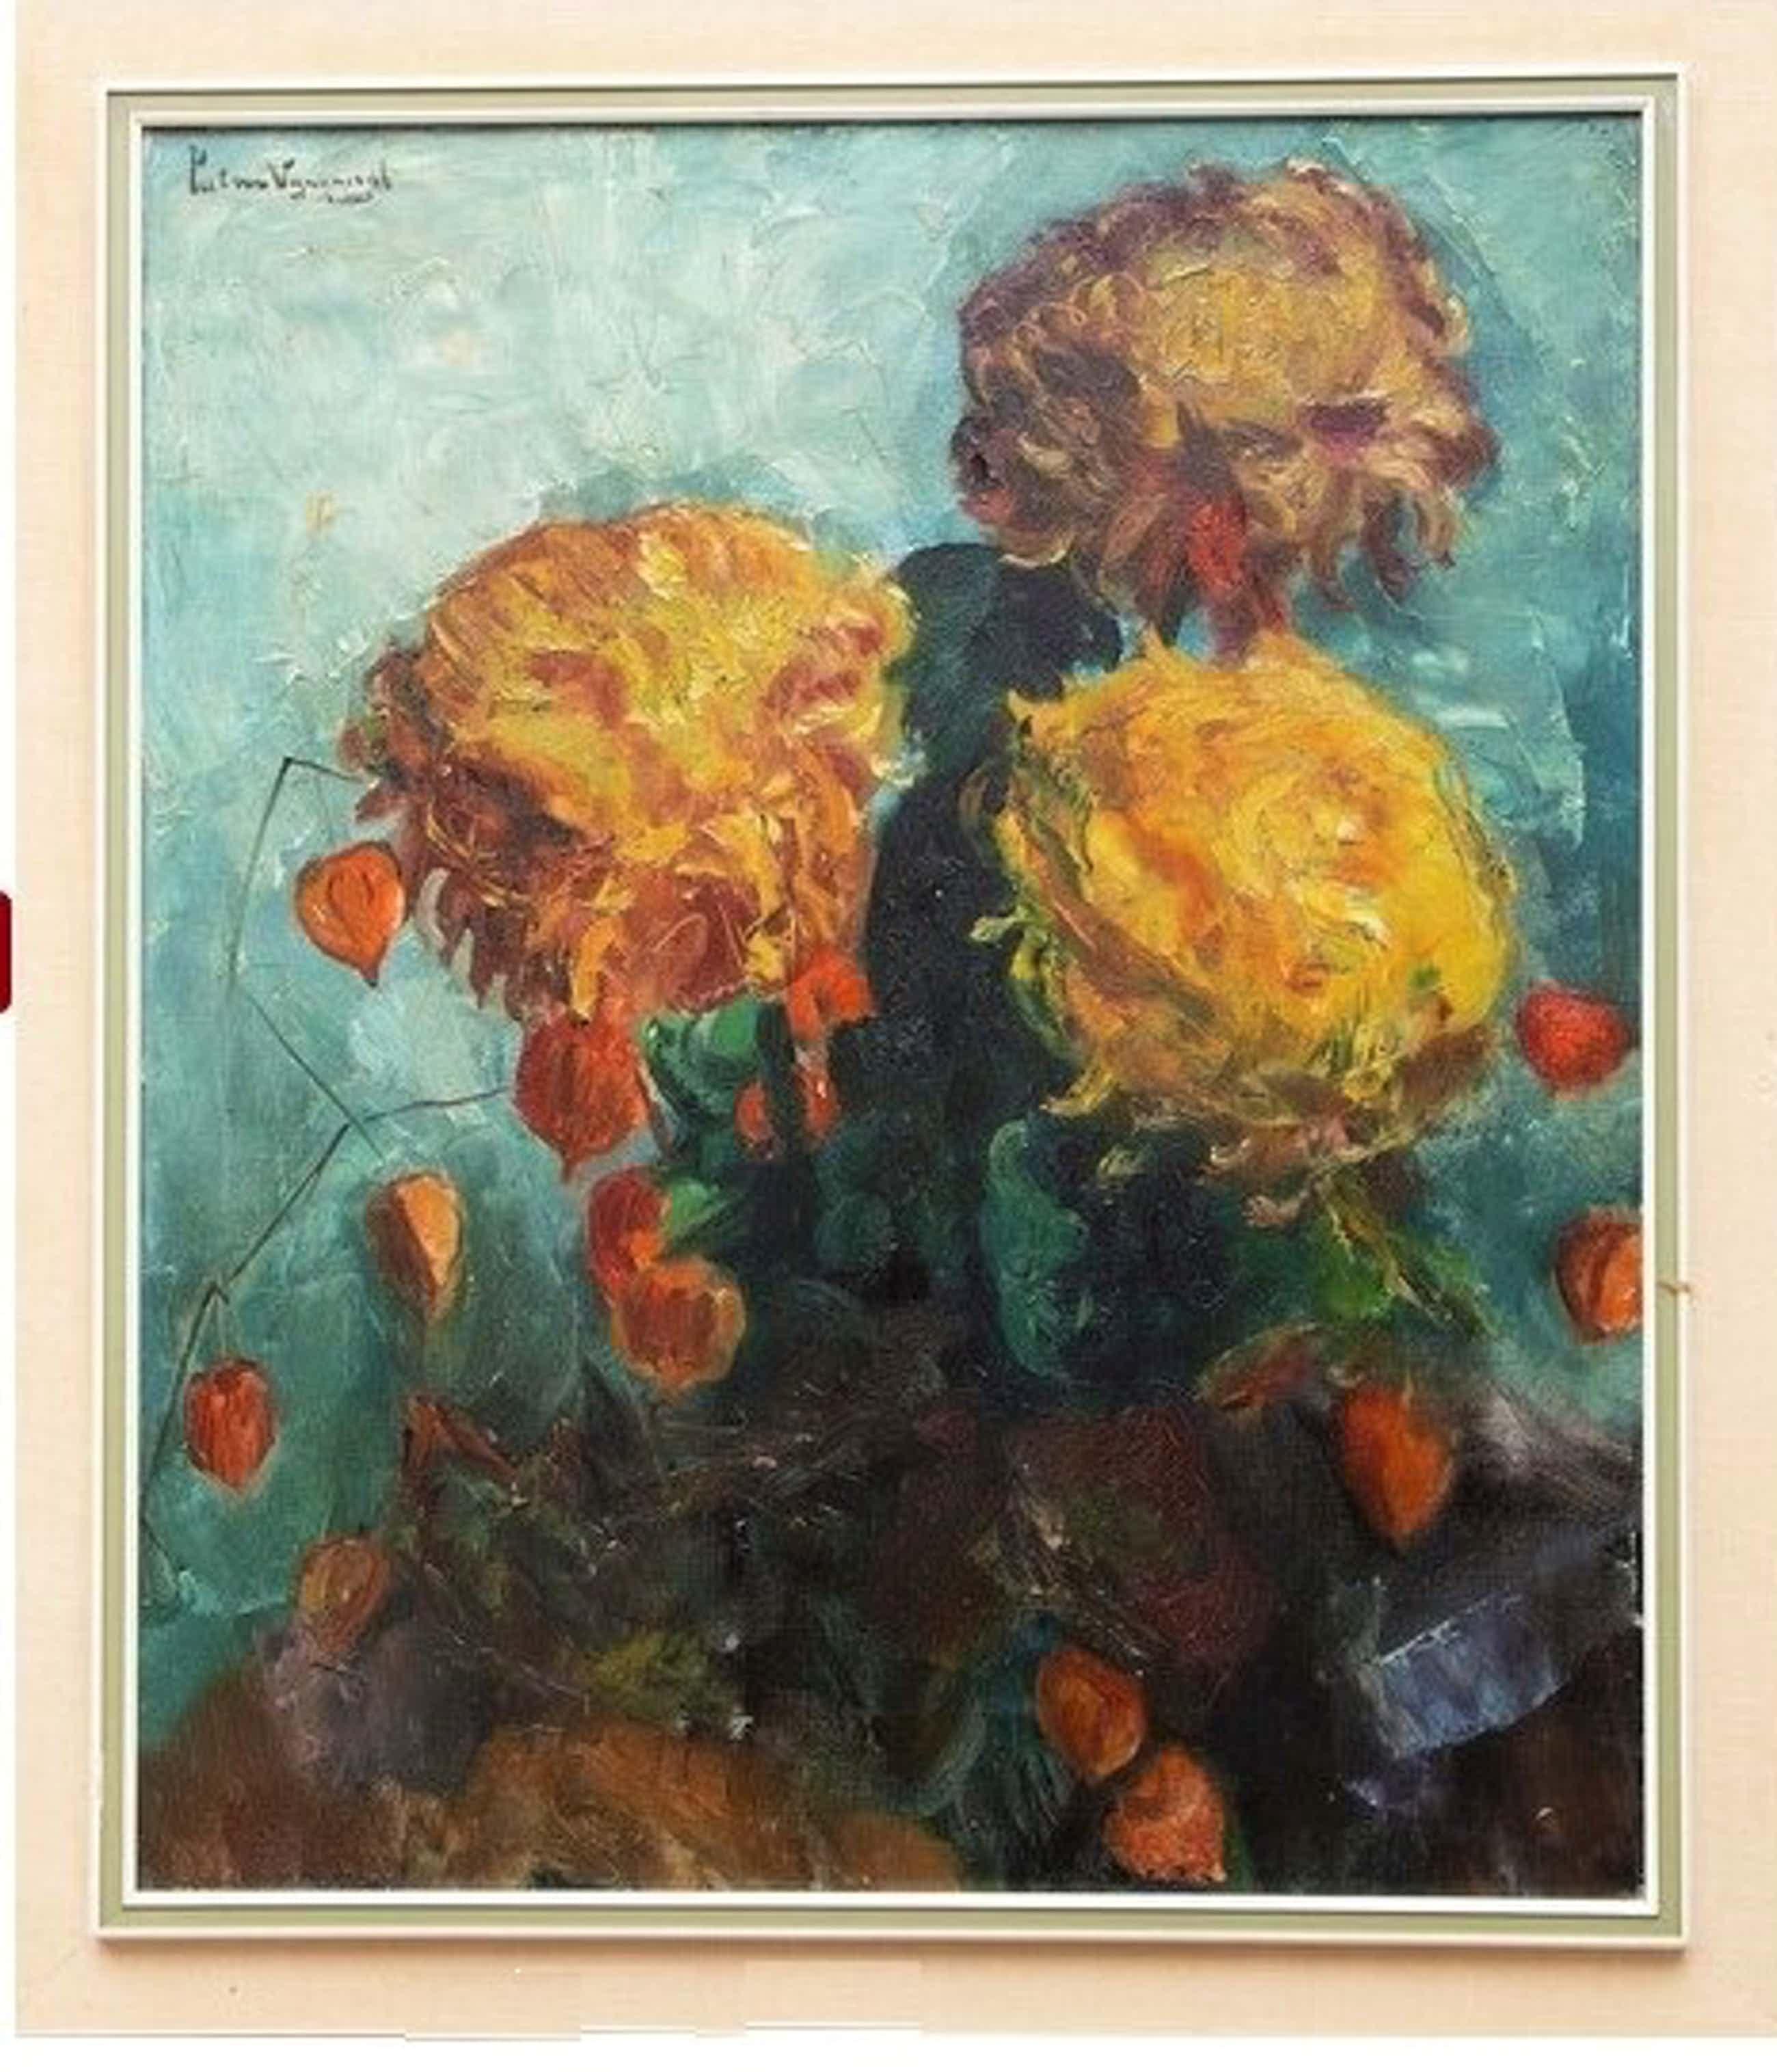 Piet van Wijngaerdt - ** PRIJS VERLAAGD ** Vaas met bloemen - mooi groot kunstwerk kopen? Bied vanaf 575!